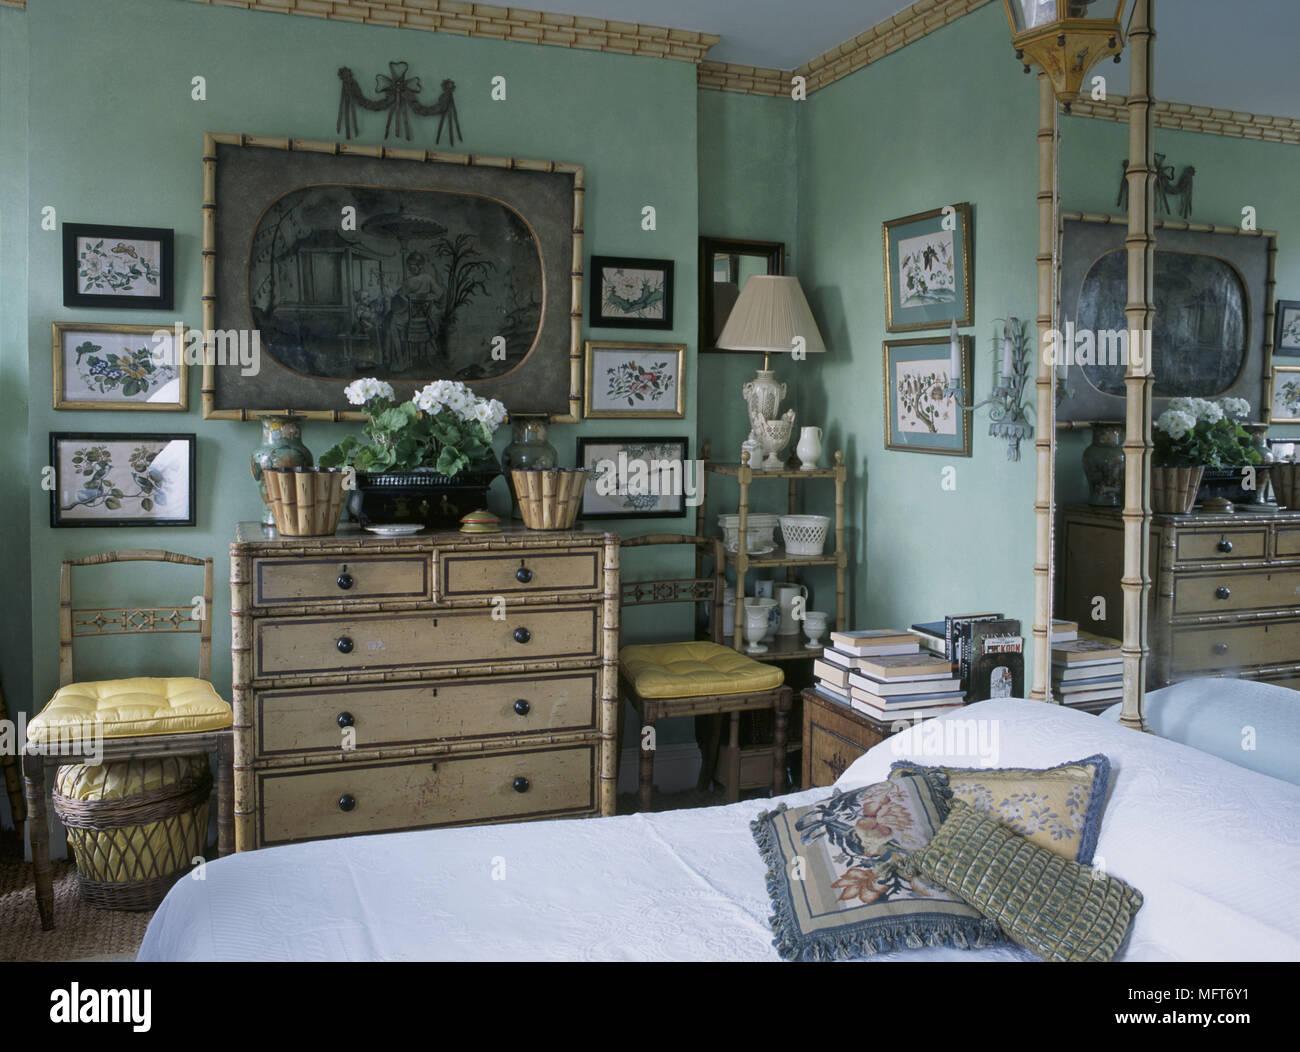 Una tradizionale camera da letto verde con cornicione decorativo di ...